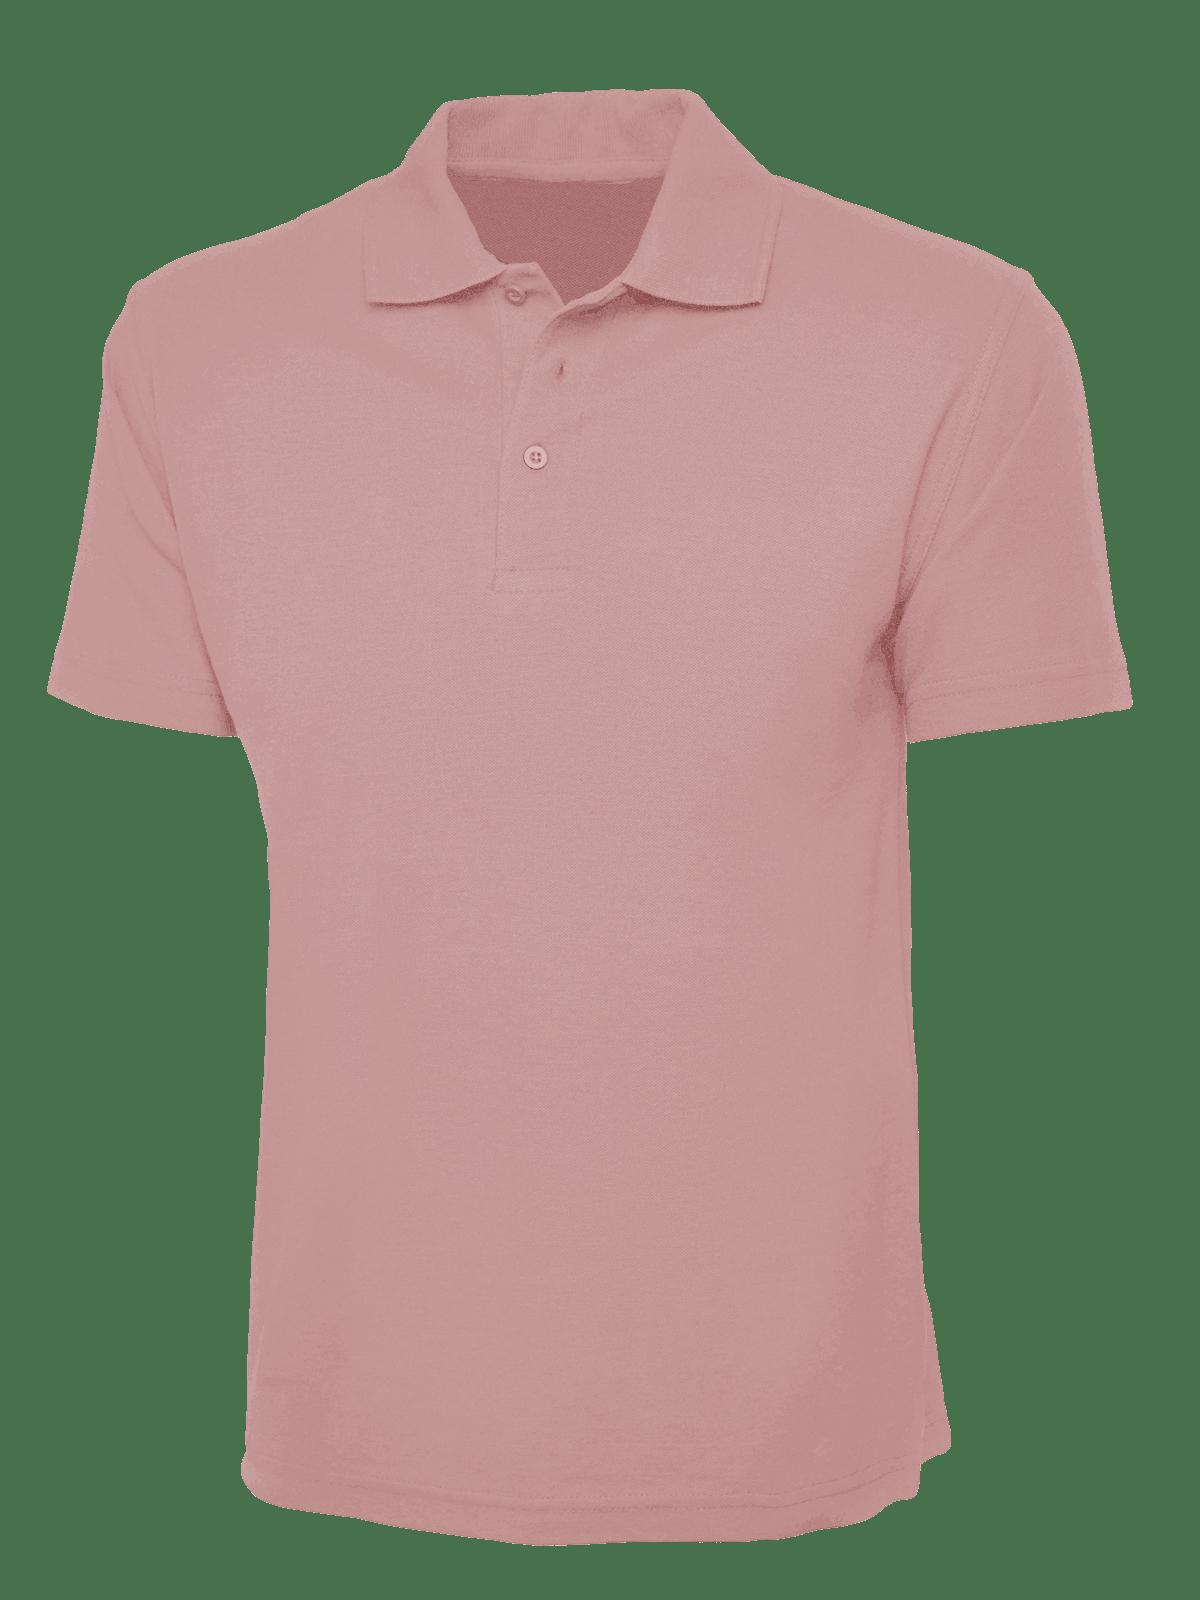 b34b1e00d Plain Baby Pink Polo Shirt – Cutton Garments